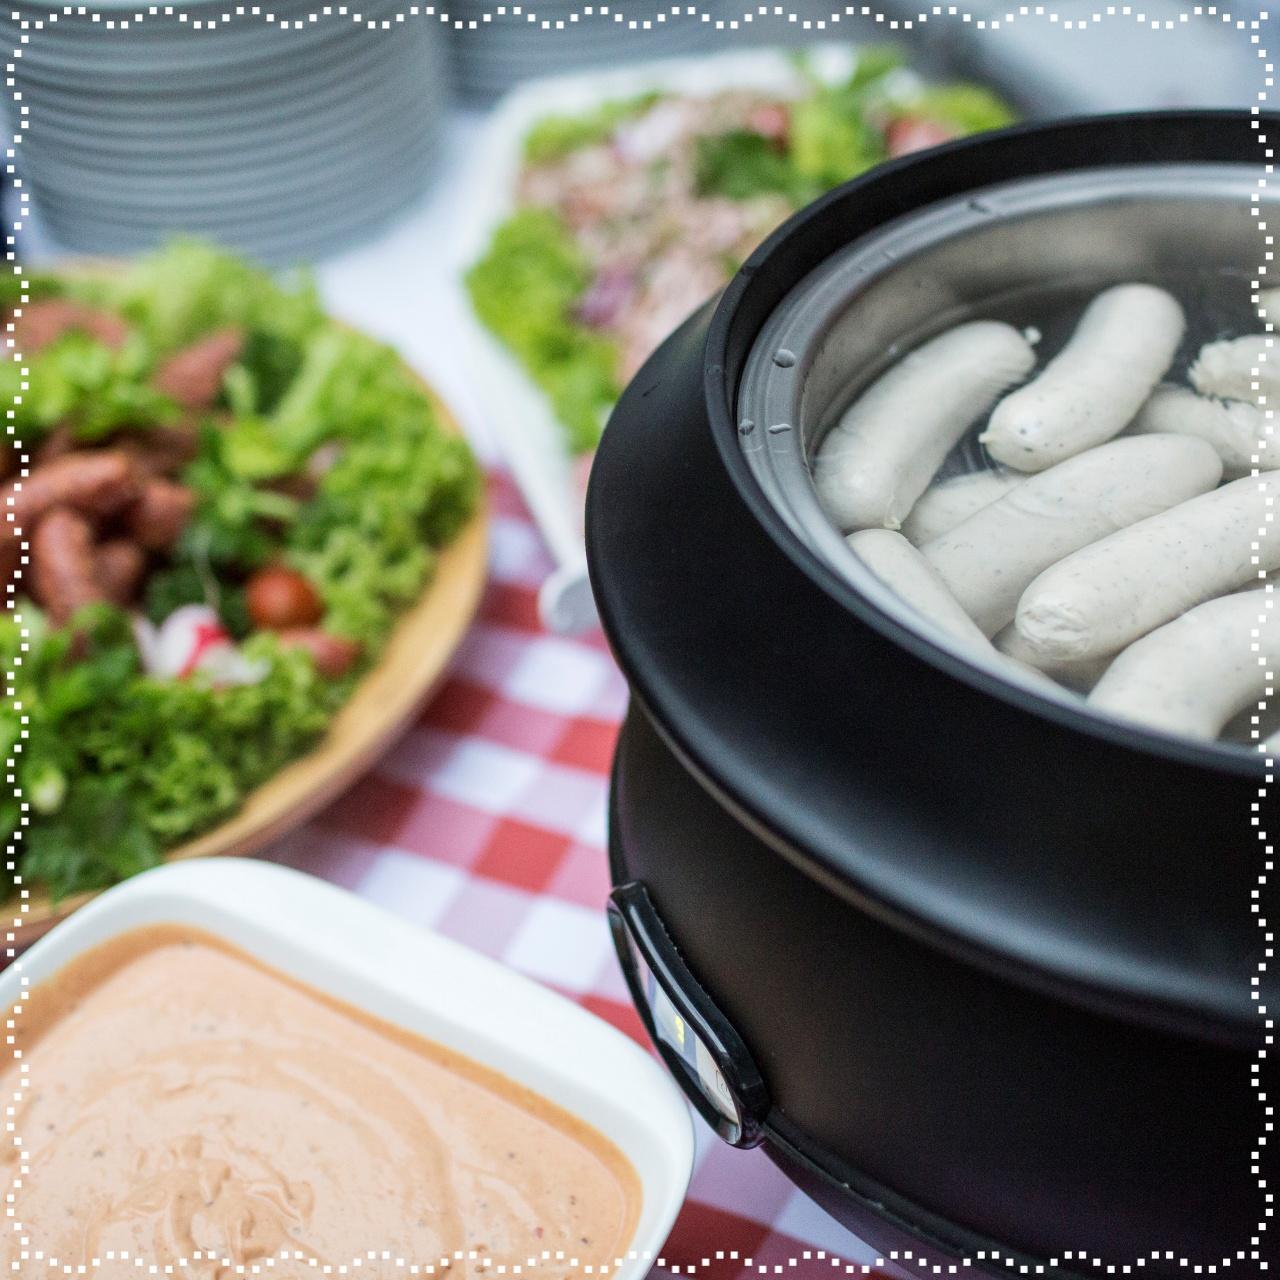 Der klassiker - die echte Weißwurst wird traditionell und beim mobilen Oktoberfest mit süßem Senf, Brezel und Weißbier verzehrt.